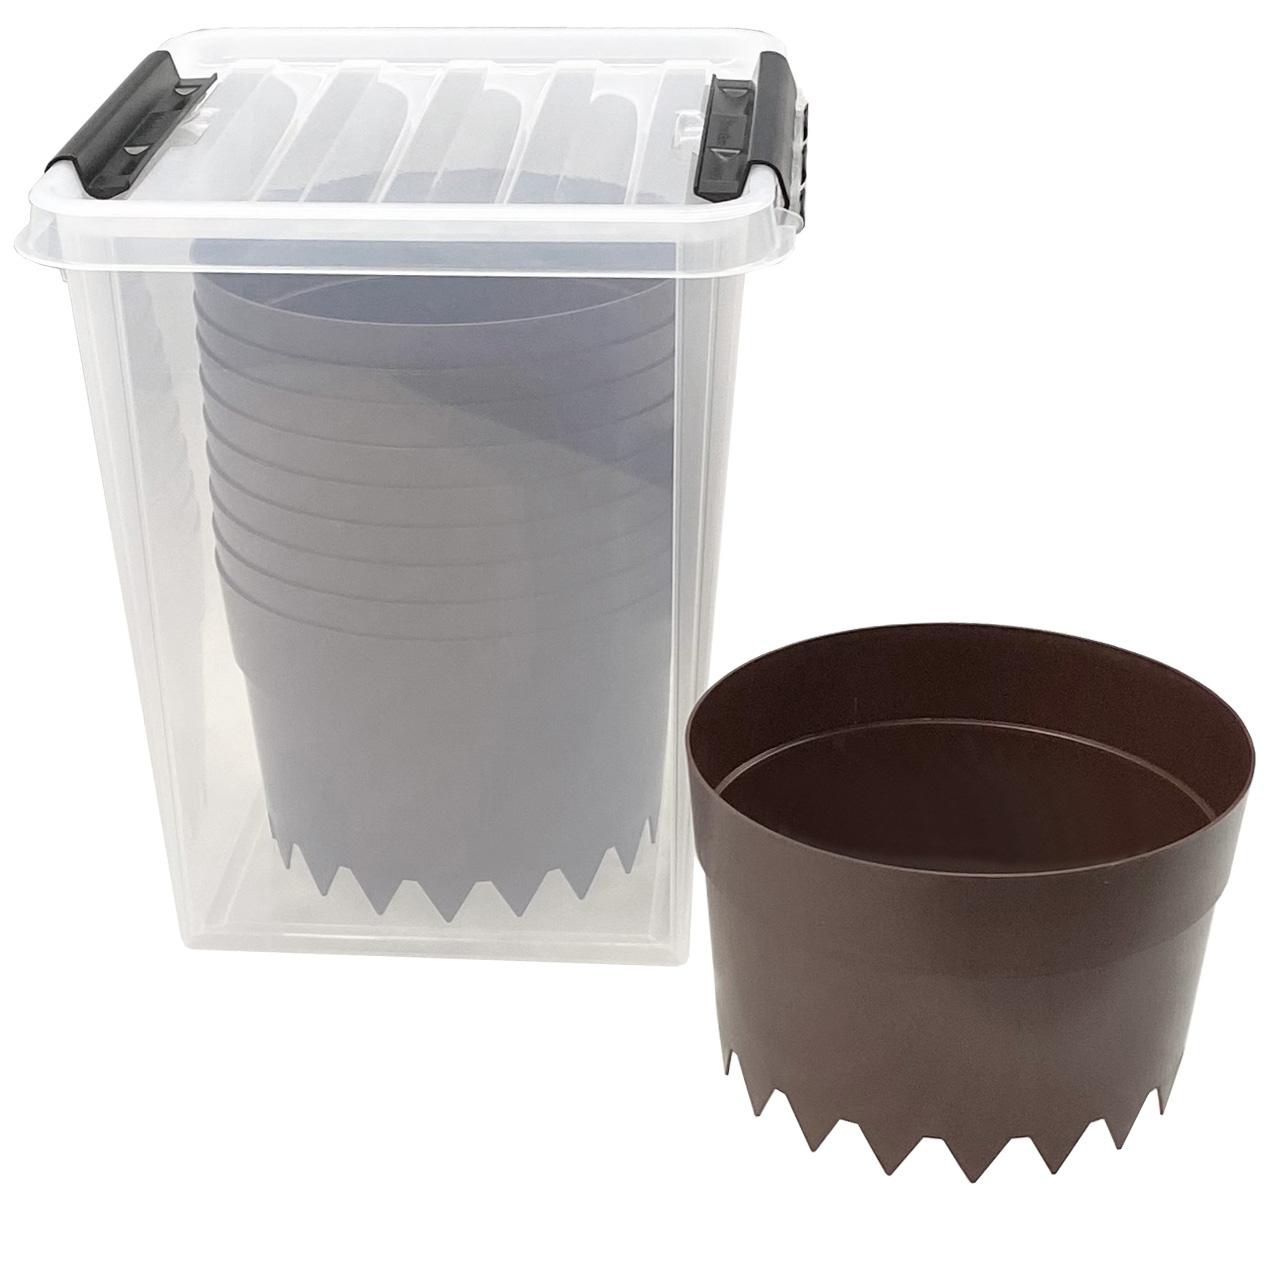 AQUARING 10er-Set, Ø 20 cm BRAUN in einer praktischen Aufbewahrungsbox